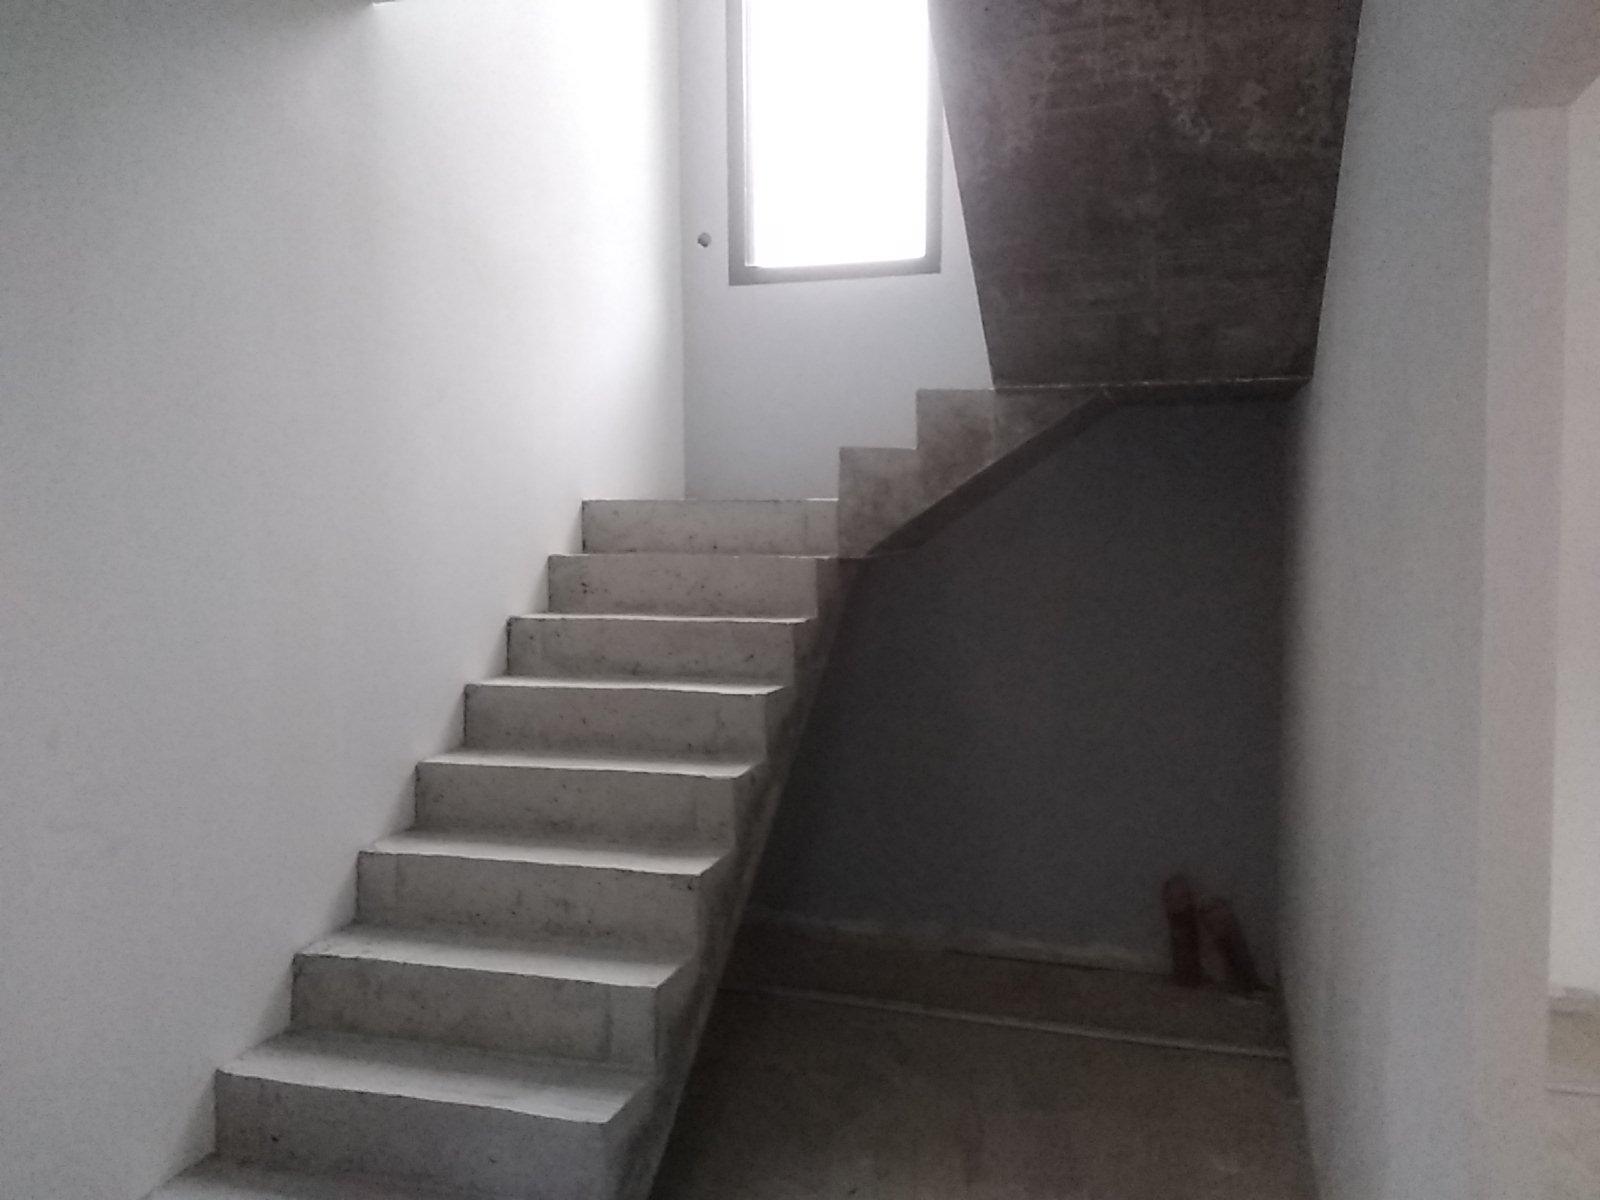 La cage d'escalier éclairé d'un châssis fixe